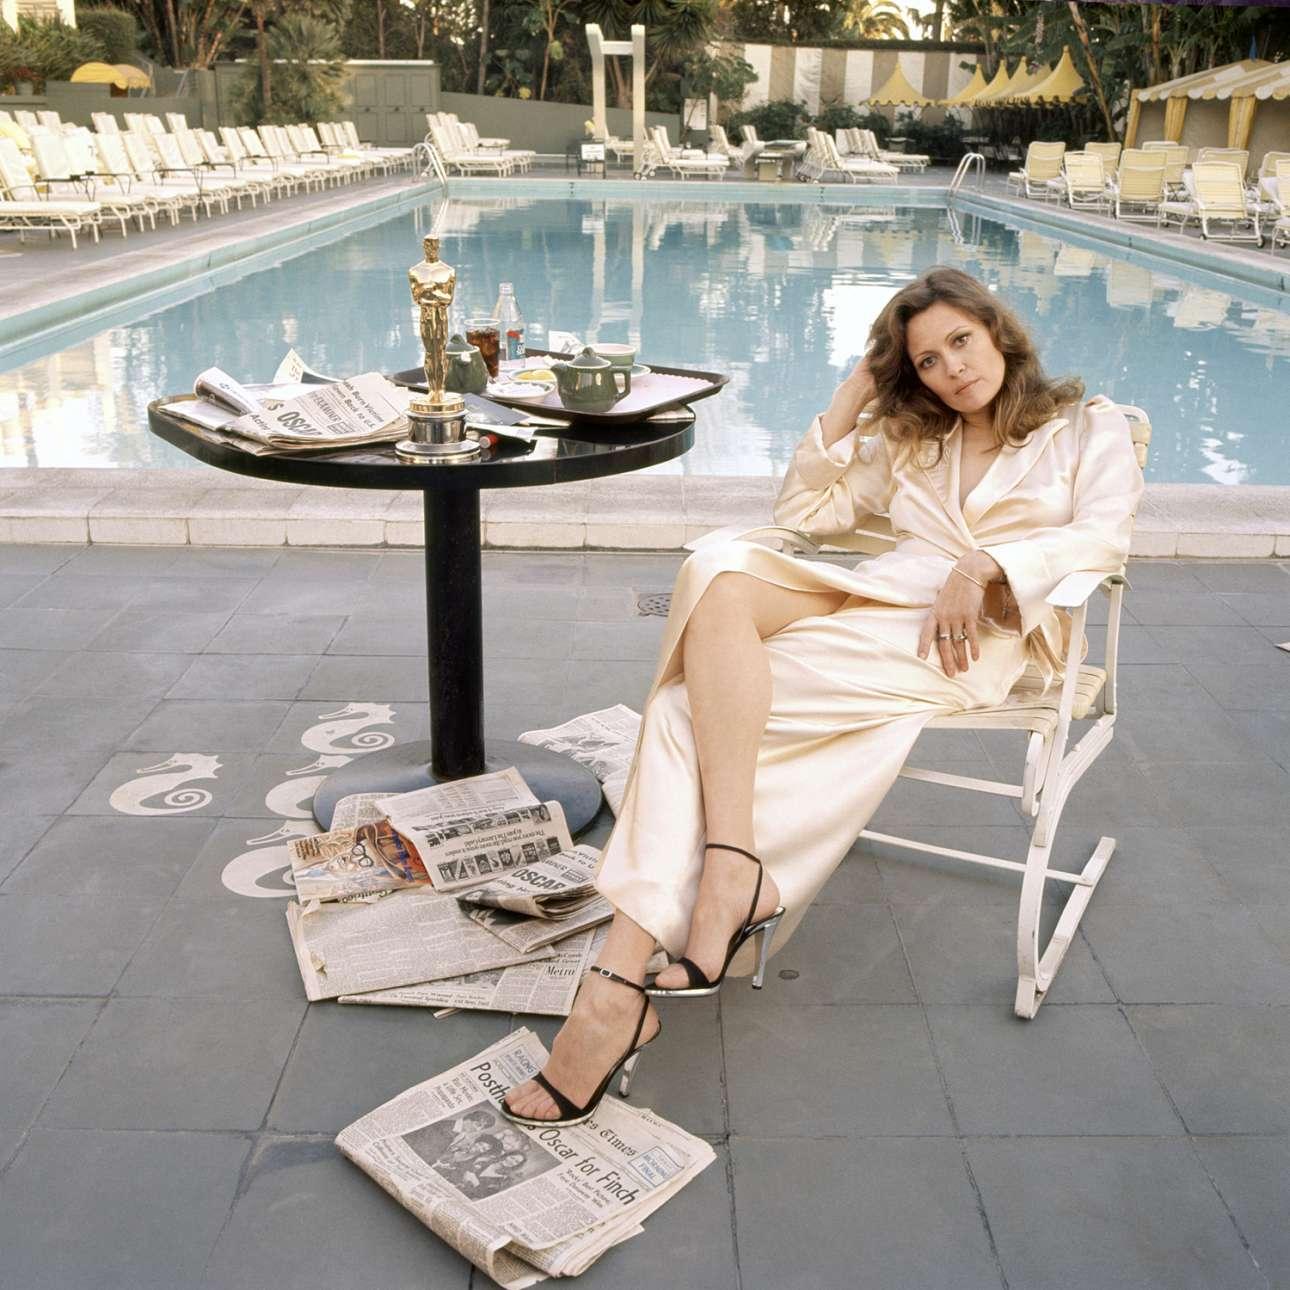 """Η Φέι Ντάναγουεϊ, το πρωί μετά τη νίκη της στα Οσκαρ, Μάρτιος 1977:  «Ενα από τα περιοδικά μού ζήτησε να βγάλω μια φωτογραφία της βραβευμένης με το Οσκαρ Καλύτερης Ηθοποιού… Δεν ήθελα να τραβήξω τη φωτογραφία που θα τραβούσαν όλοι οι άλλοι: ξέρετε, αυτή αμέσως μετά, όταν φαίνονται έκπληκτα χαρούμενοι κρατώντας το νέο λαμπερό τους Οσκαρ. Ηθελα να τη """"συλλάβω"""" το επόμενο πρωί. Εξήγησα την ιδέα στη Φέι και της είπα, """"άκου, αν κερδίσεις, συνάντησέ με δίπλα στην πισίνα την αυγή. Και φέρε το Οσκαρ"""". Εμενε στο ξενοδοχείο Beverly Hills και ήξερα τον άντρα που δούλευε στην πισίνα. Τον ζήτησα να μας αφήσει για λίγα λεπτά μόνους. Τα είχα όλα έτοιμα όταν εμφανίστηκε ξαφνικά, με τη ρόμπα της και Οσκαρ στο χέρι. Είμαστε μόνο εμείς. Δεν υπήρχαν στυλίστες ή PR, ούτε φωτισμός ή βοηθοί. Και χρειάστηκαν μόνο λίγα λεπτά. Λίγα χρόνια αργότερα, την παντρεύτηκα. Επειτα από λίγα χρόνια χωρίσαμε»"""